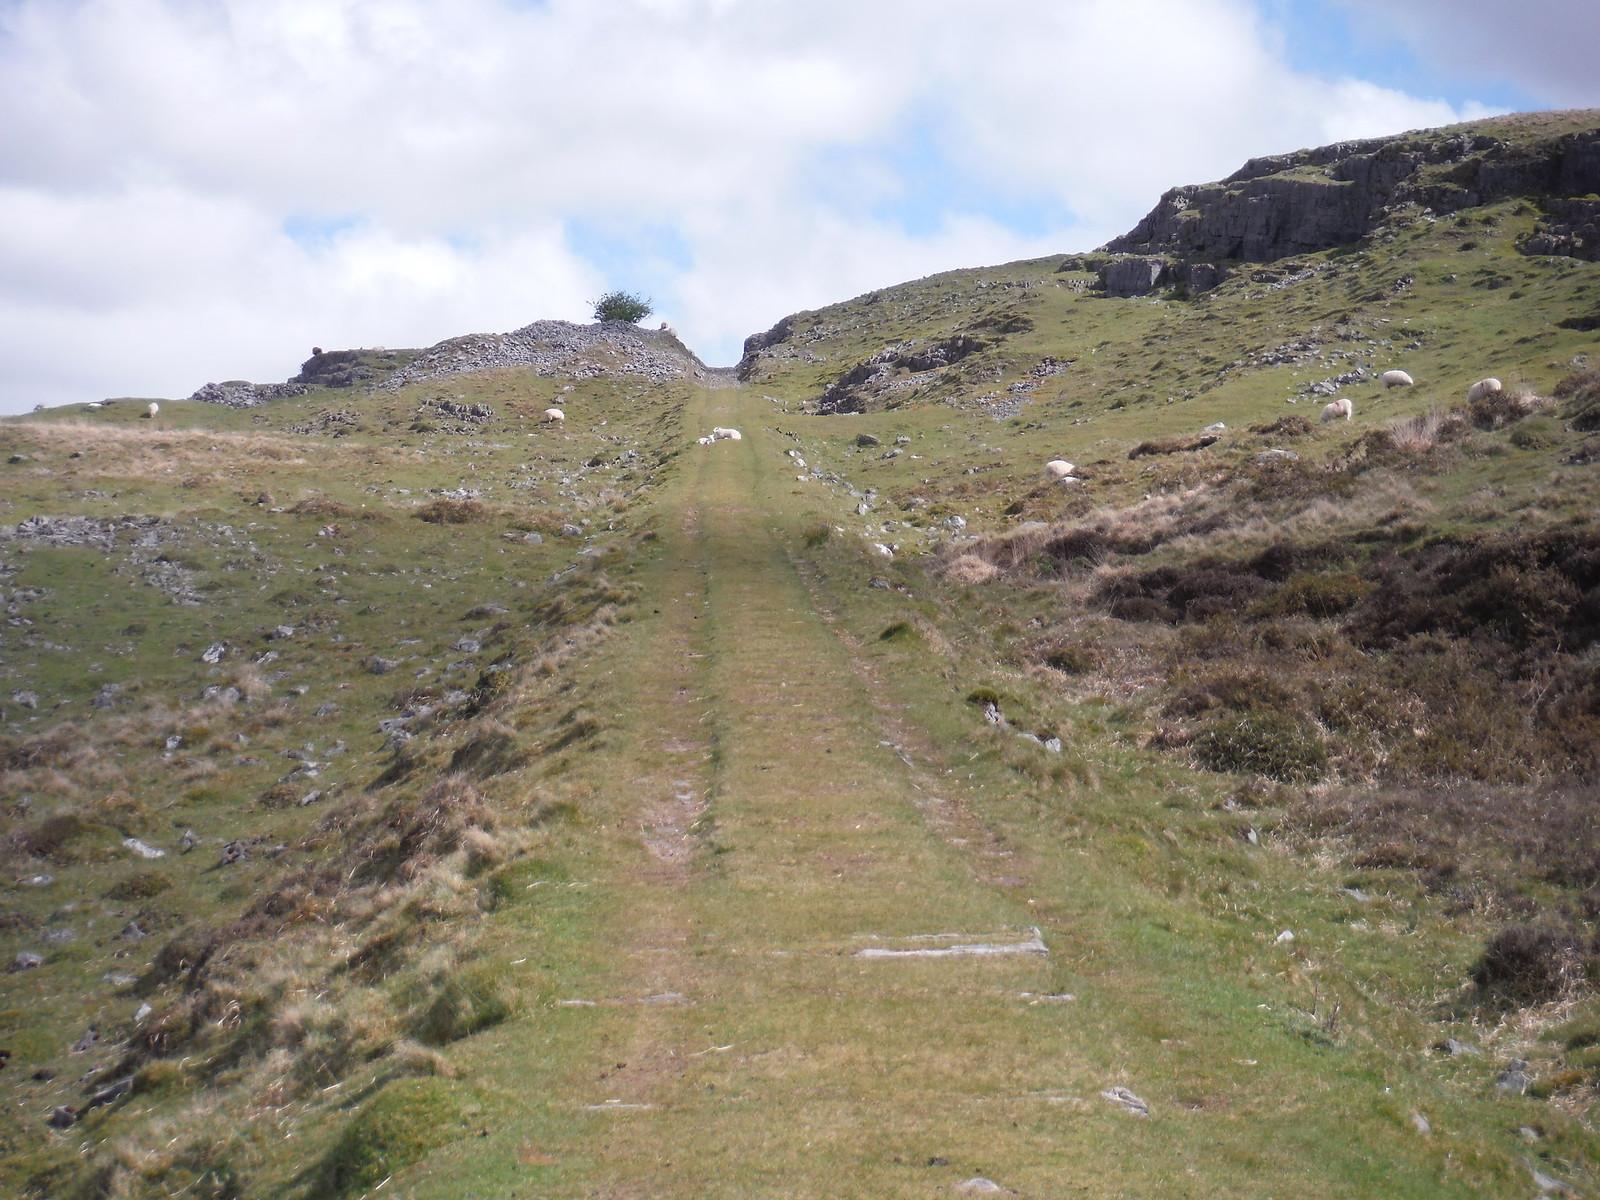 Dismantled Tramway SWC Walk 307 - Fforest Fawr Traverse (Craig y Nos to Llwyn-y-celyn)